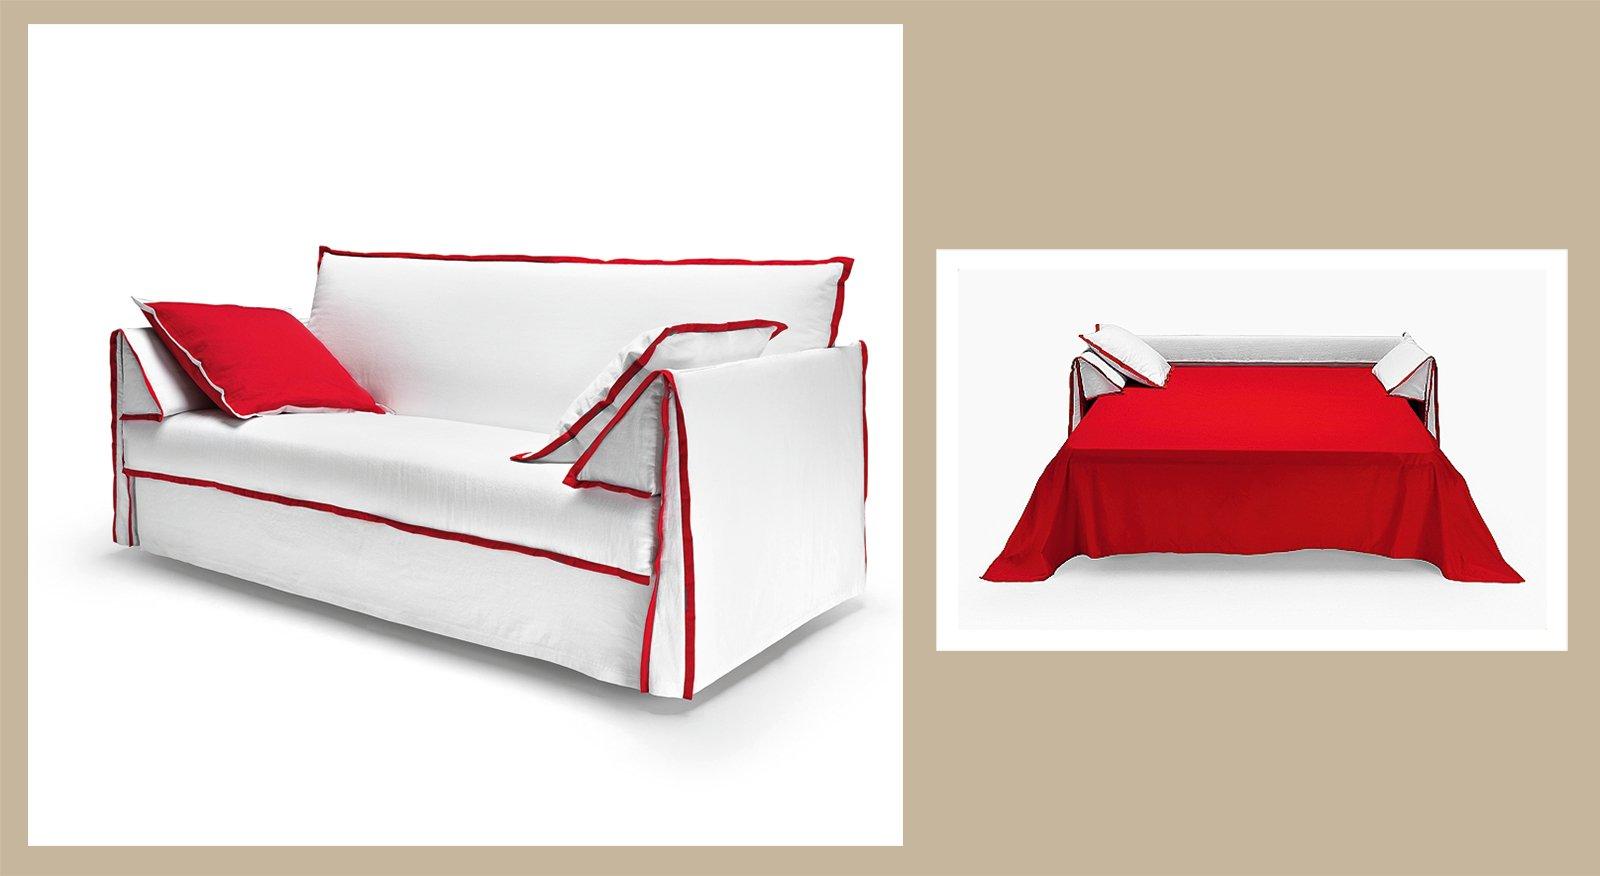 Ikea letti singoli con contenitore letto contenitore ikea - Ikea letti divano ...